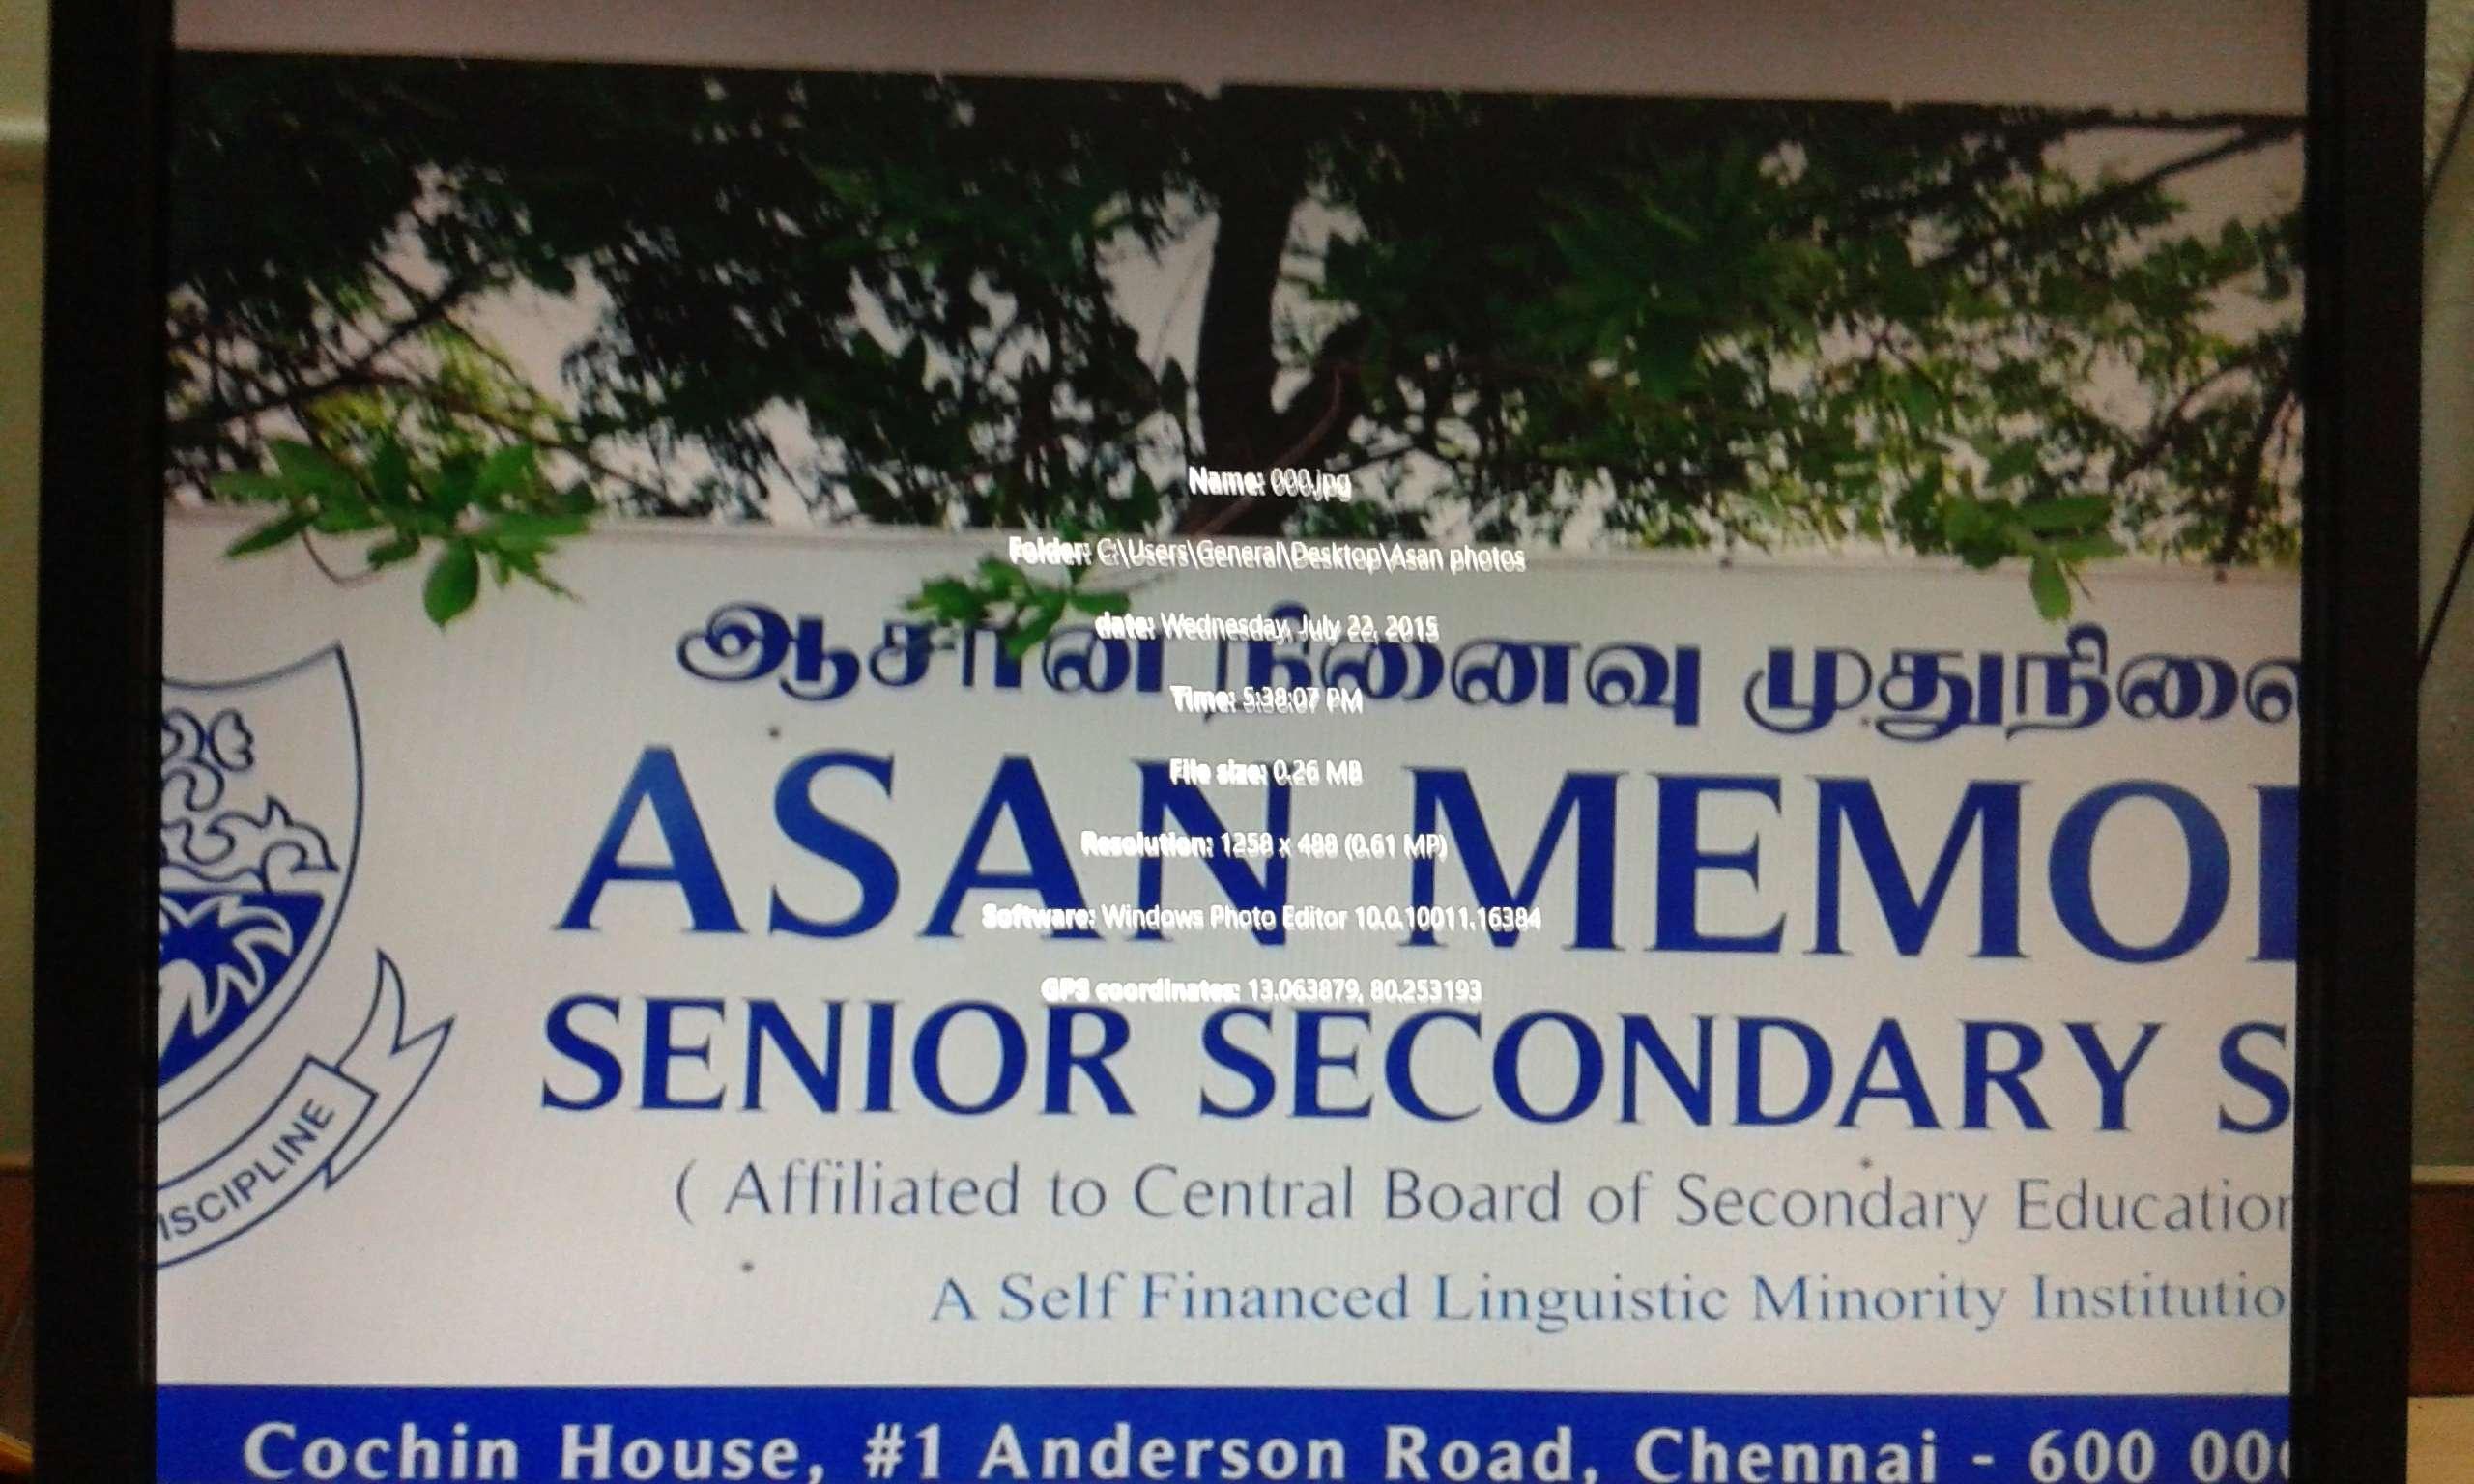 ASAN MEMORIAL SR SEC SCHOOL COCHIN HOUSE 1 ANDERSON ROAD CHENNAI TAMIL NADU 1930002